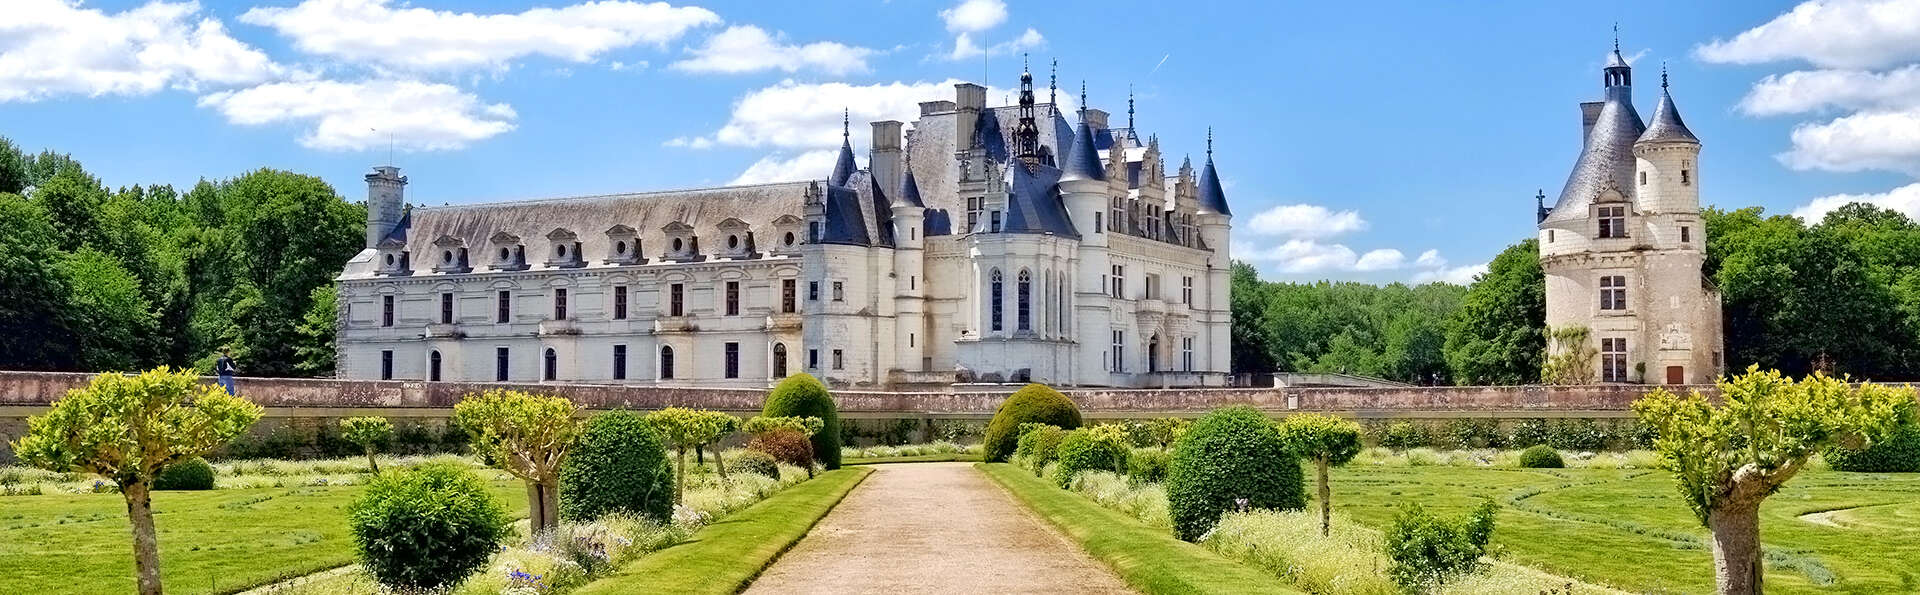 Découvrez les châteaux de la Loire et le zoo de Beauval en famille (à partir de 3 nuits)